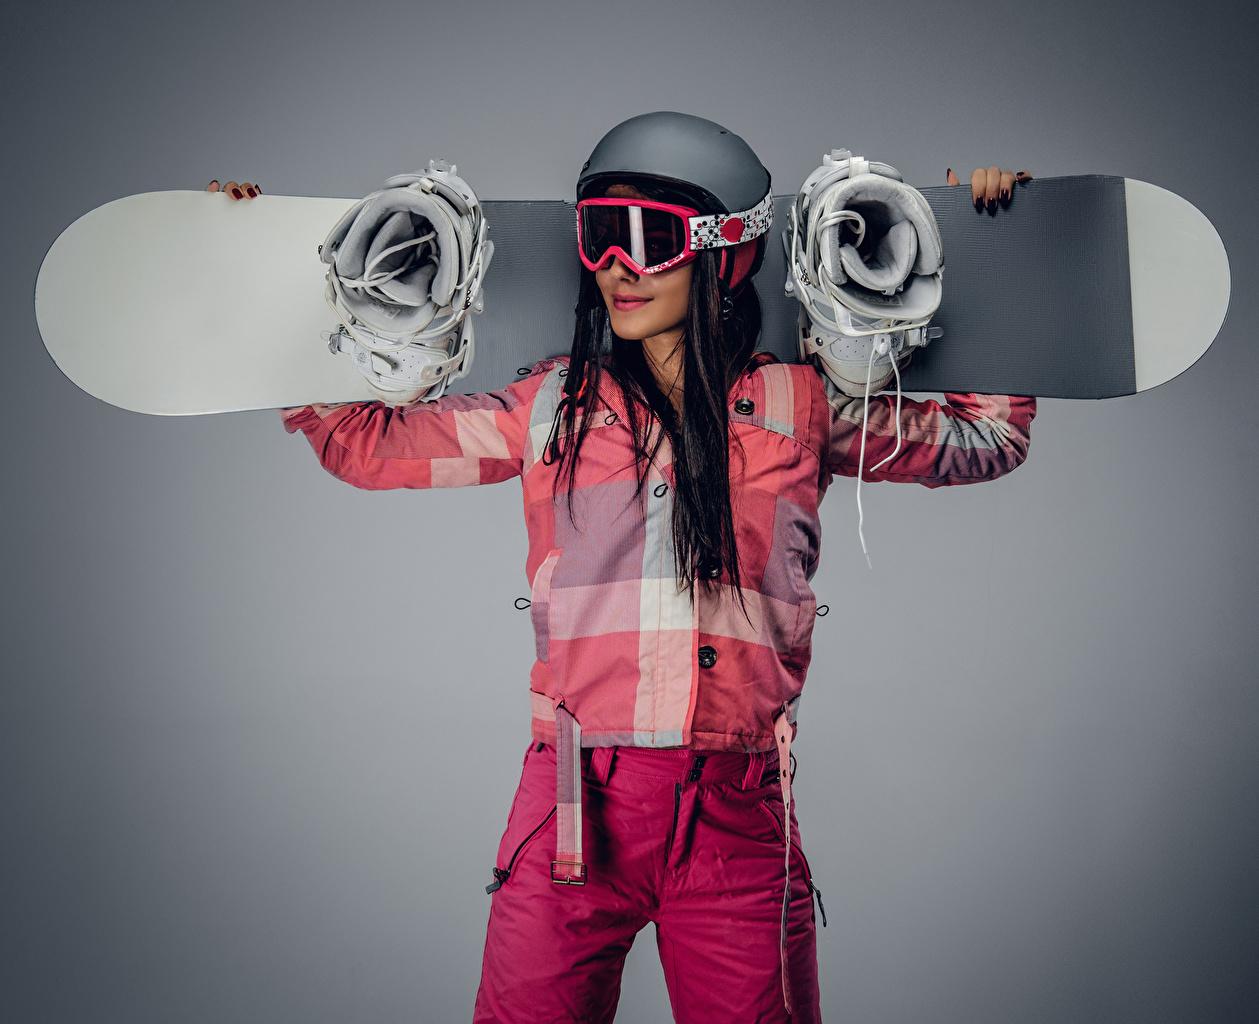 Картинка шатенки Шлем девушка Сноуборд спортивные Очки Серый фон Шатенка шлема в шлеме Спорт Девушки спортивная спортивный молодая женщина молодые женщины очков очках сером фоне